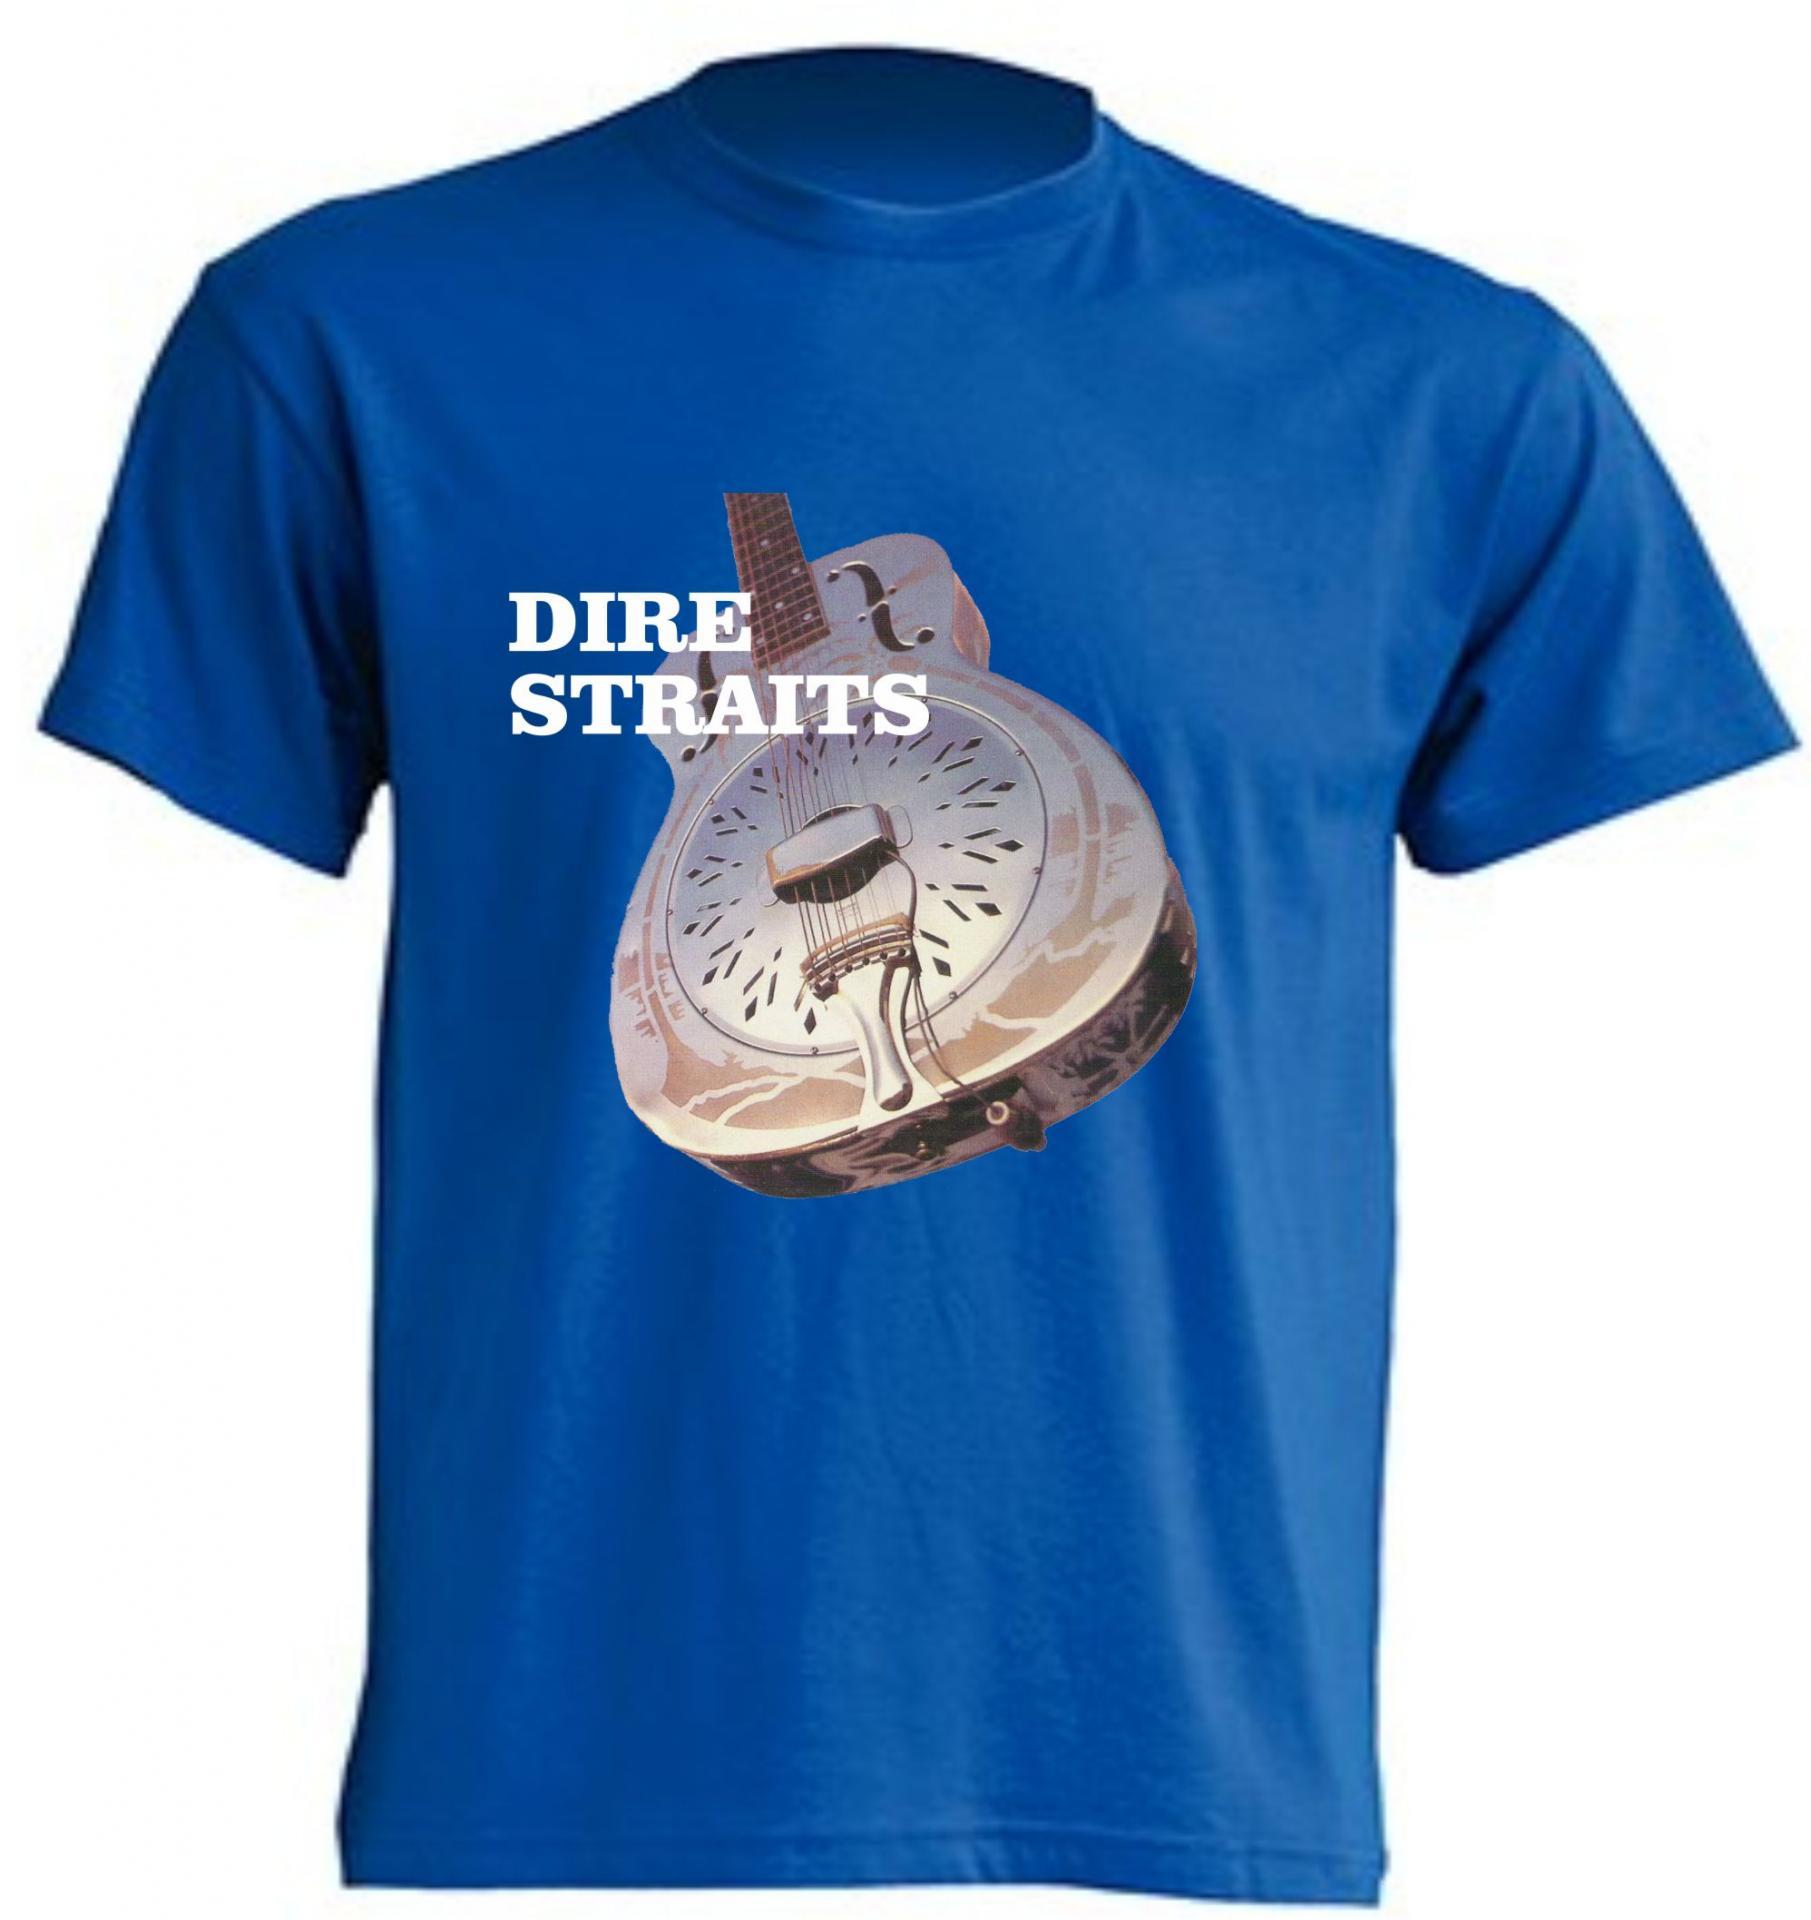 Camiseta Dire Straits